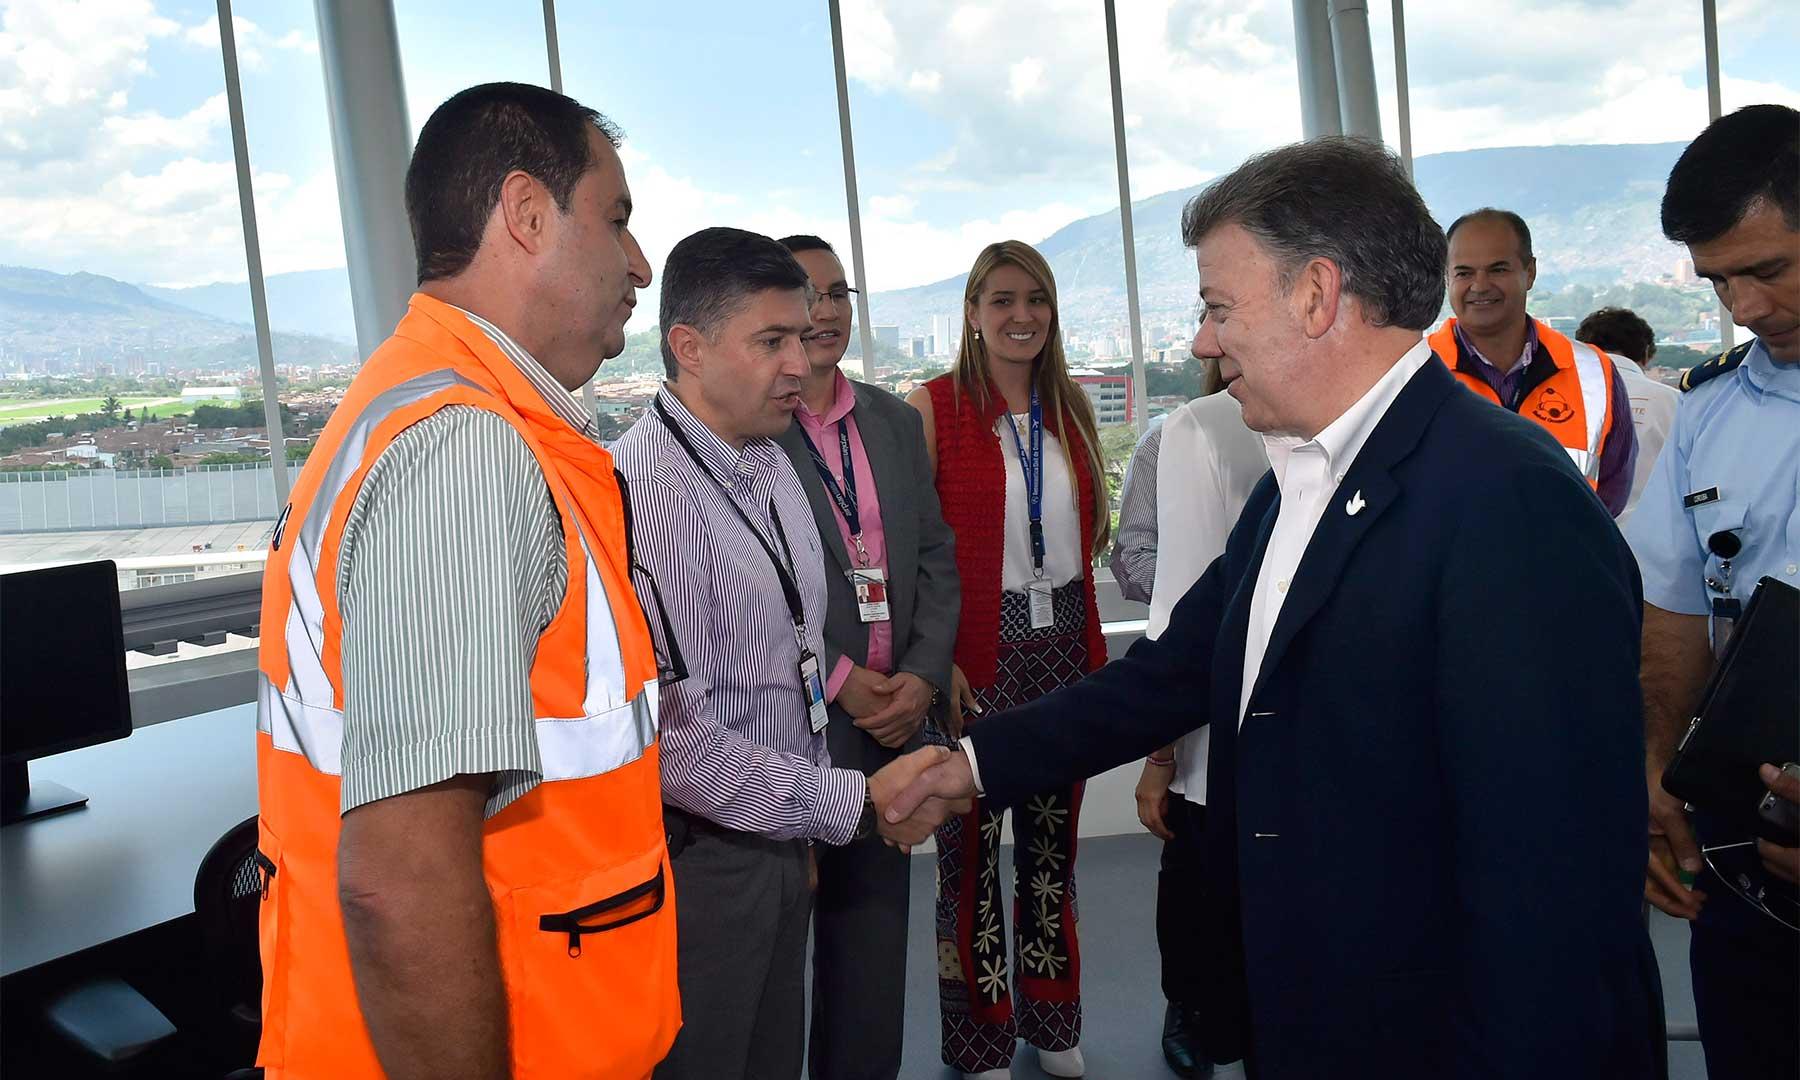 Durante la entrega de seis obras en el Aeropuerto Olaya Herrera de Medellín, el Presidente Santos subrayó que desde 2010 su administración ha invertido más de 20 billones de pesos para desarrollar la infraestructura de transporte en Antioquia.